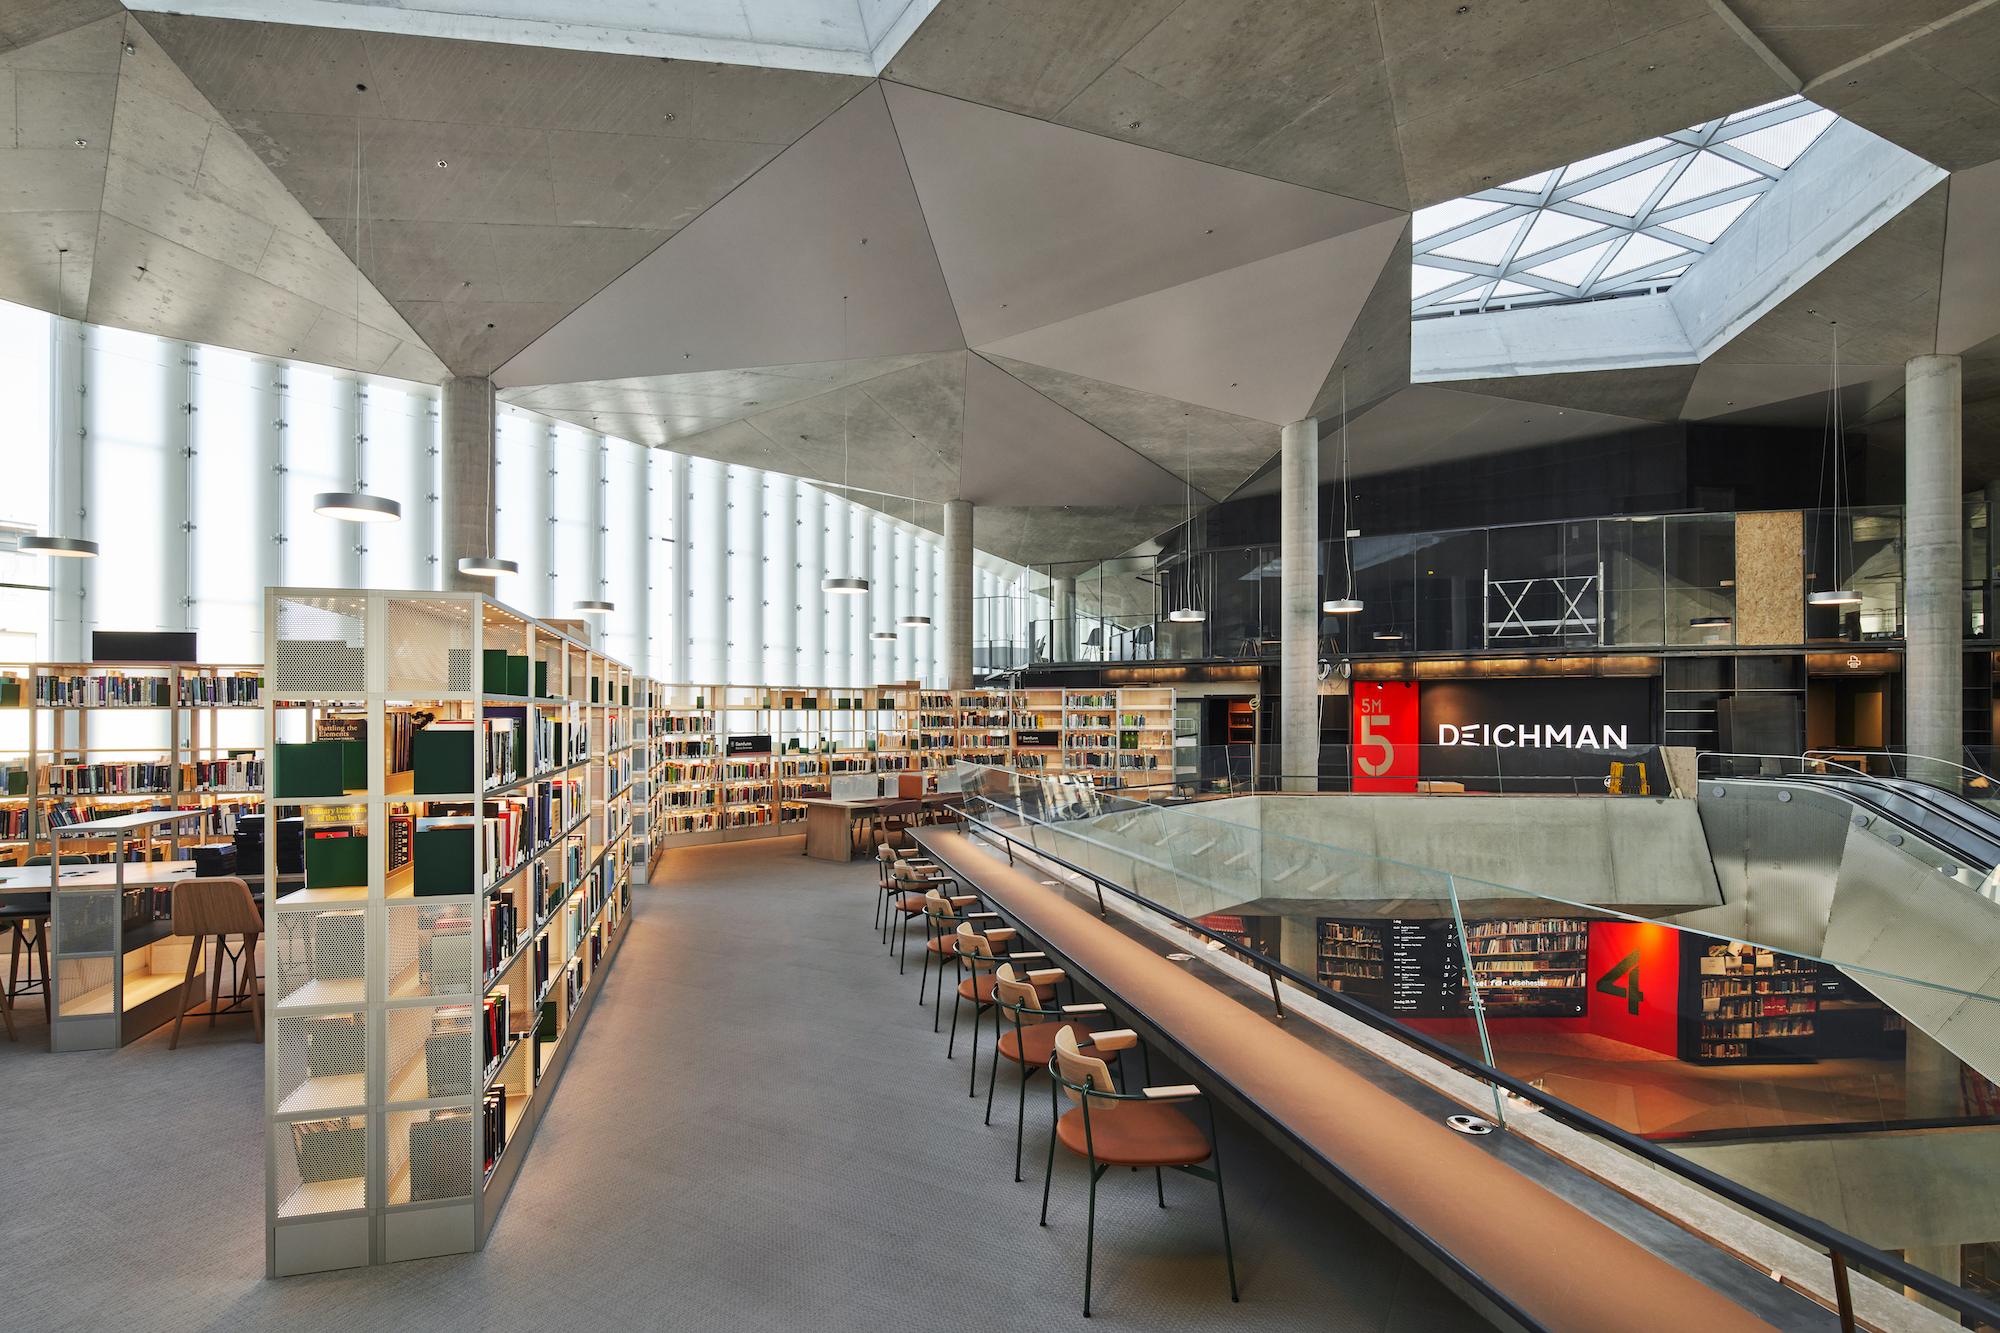 Deichmanske 5 - Scenario Interiørarkitekter - fotograf Gatis Rozenfelds - medier og lysåpninger